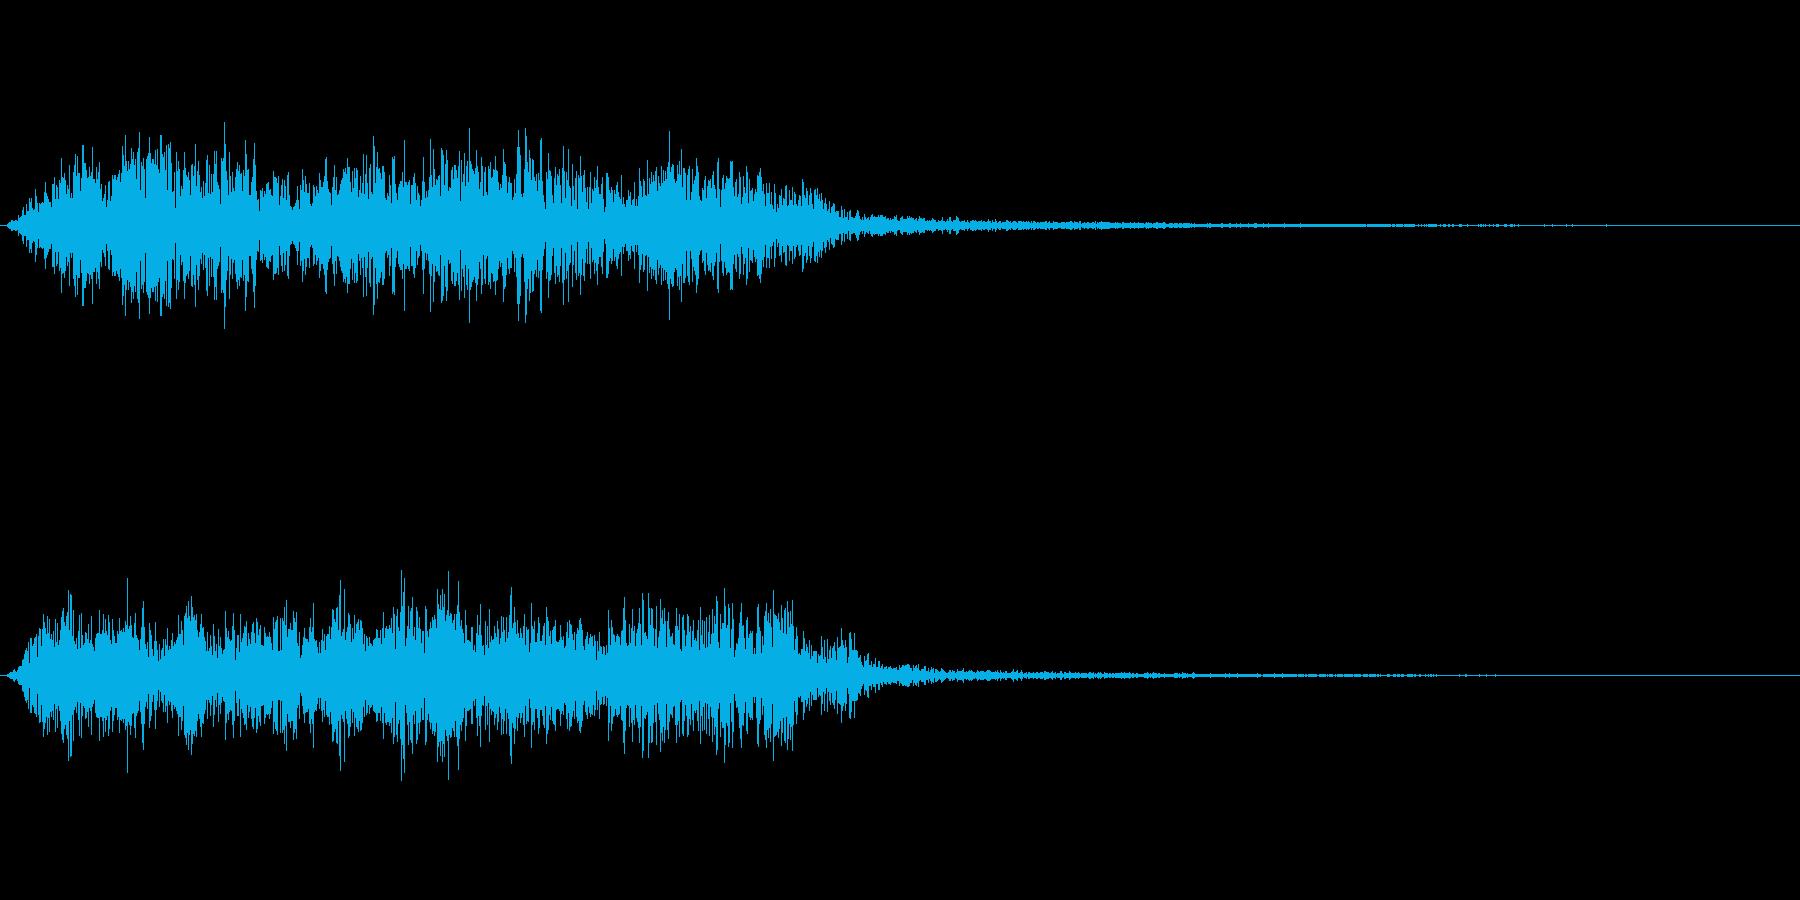 アンビエント感のあるノイズ効果音の再生済みの波形